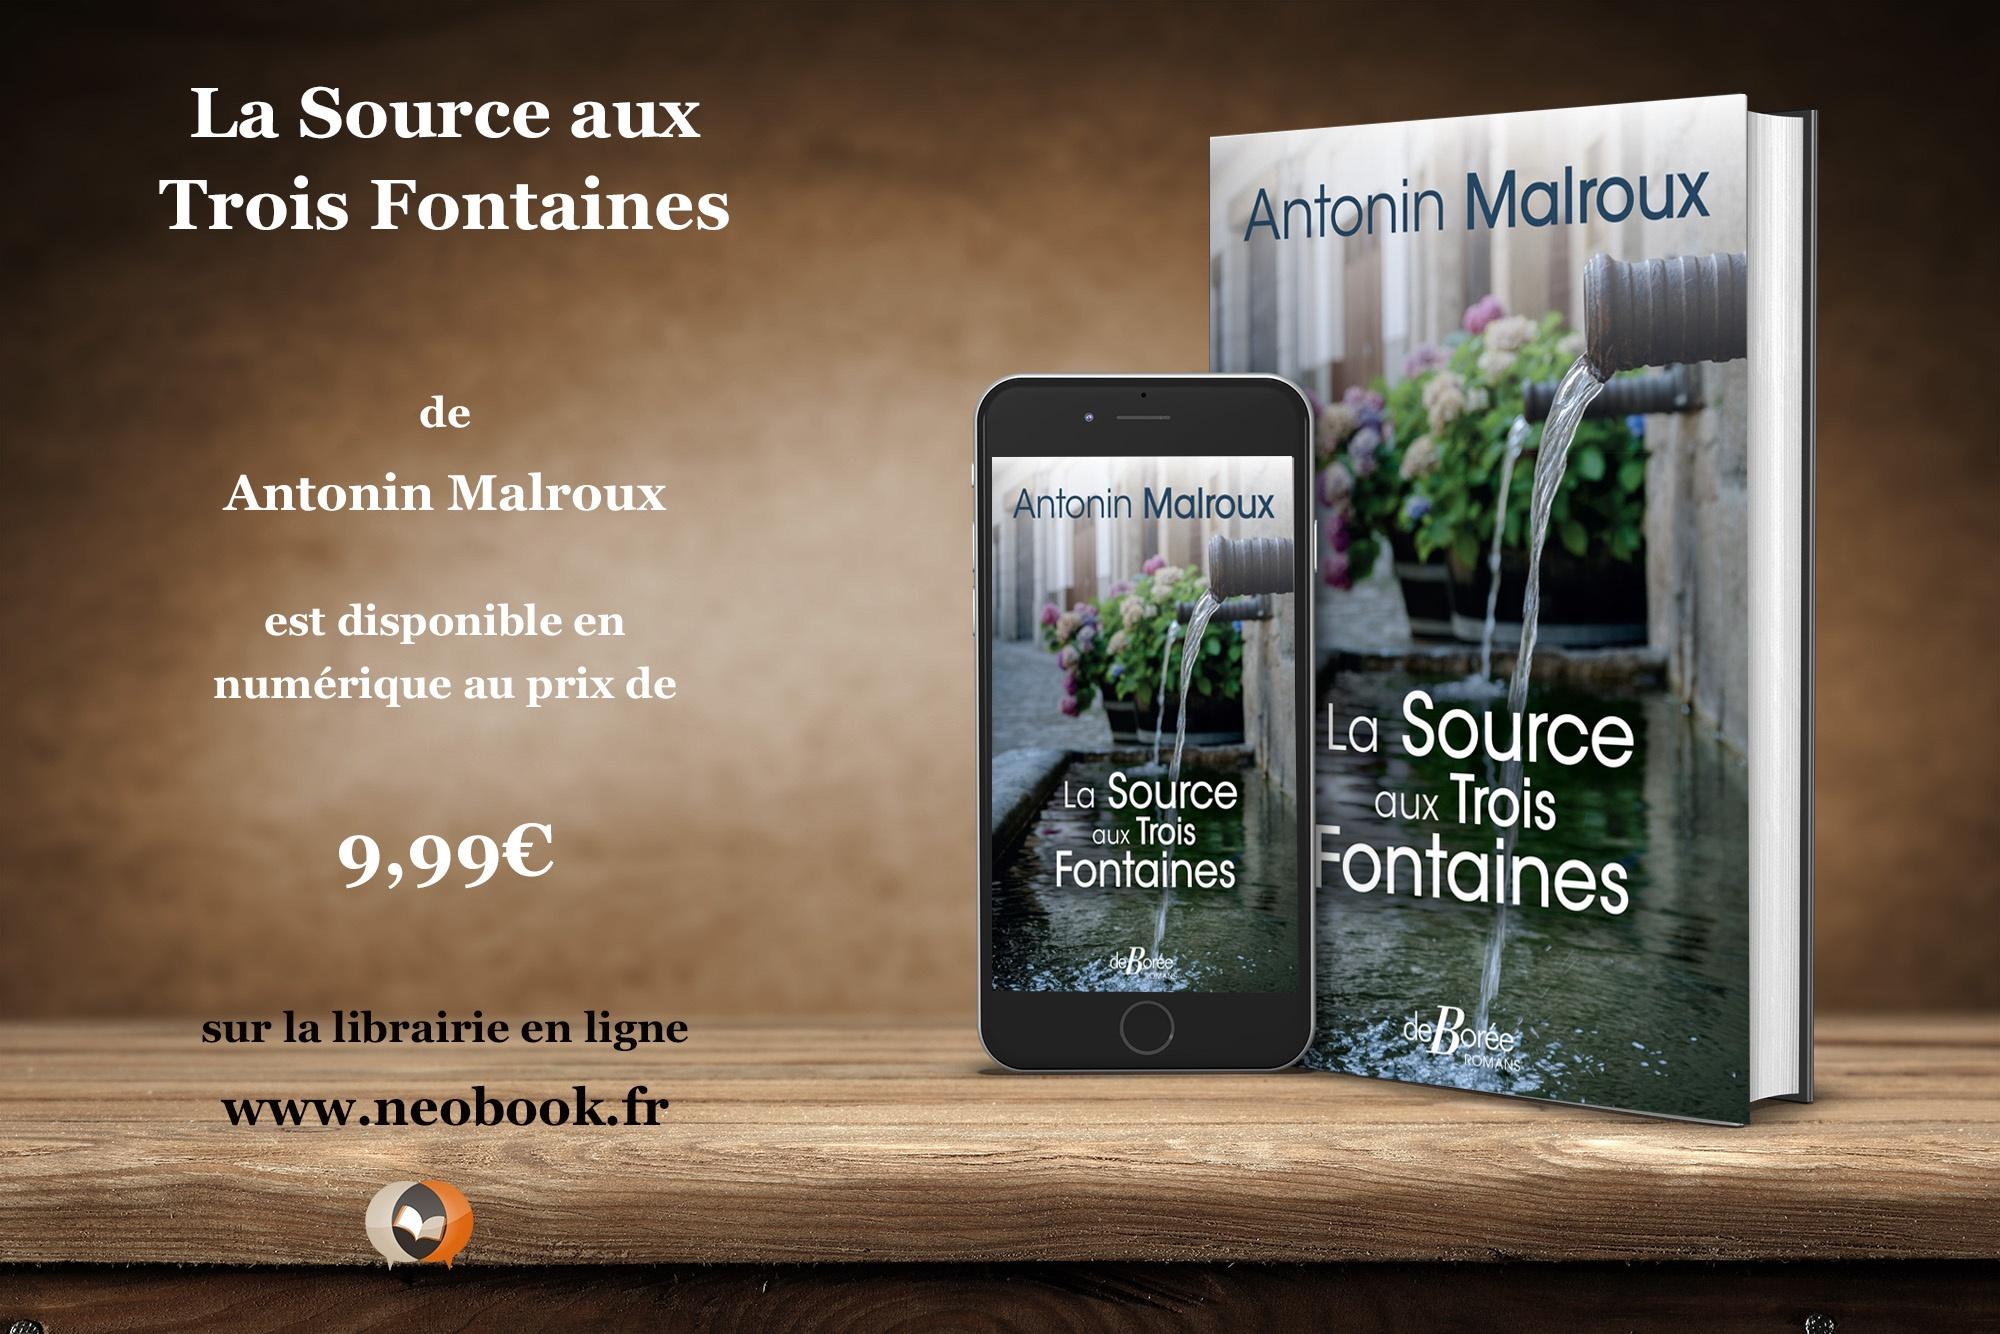 Antonin Malroux